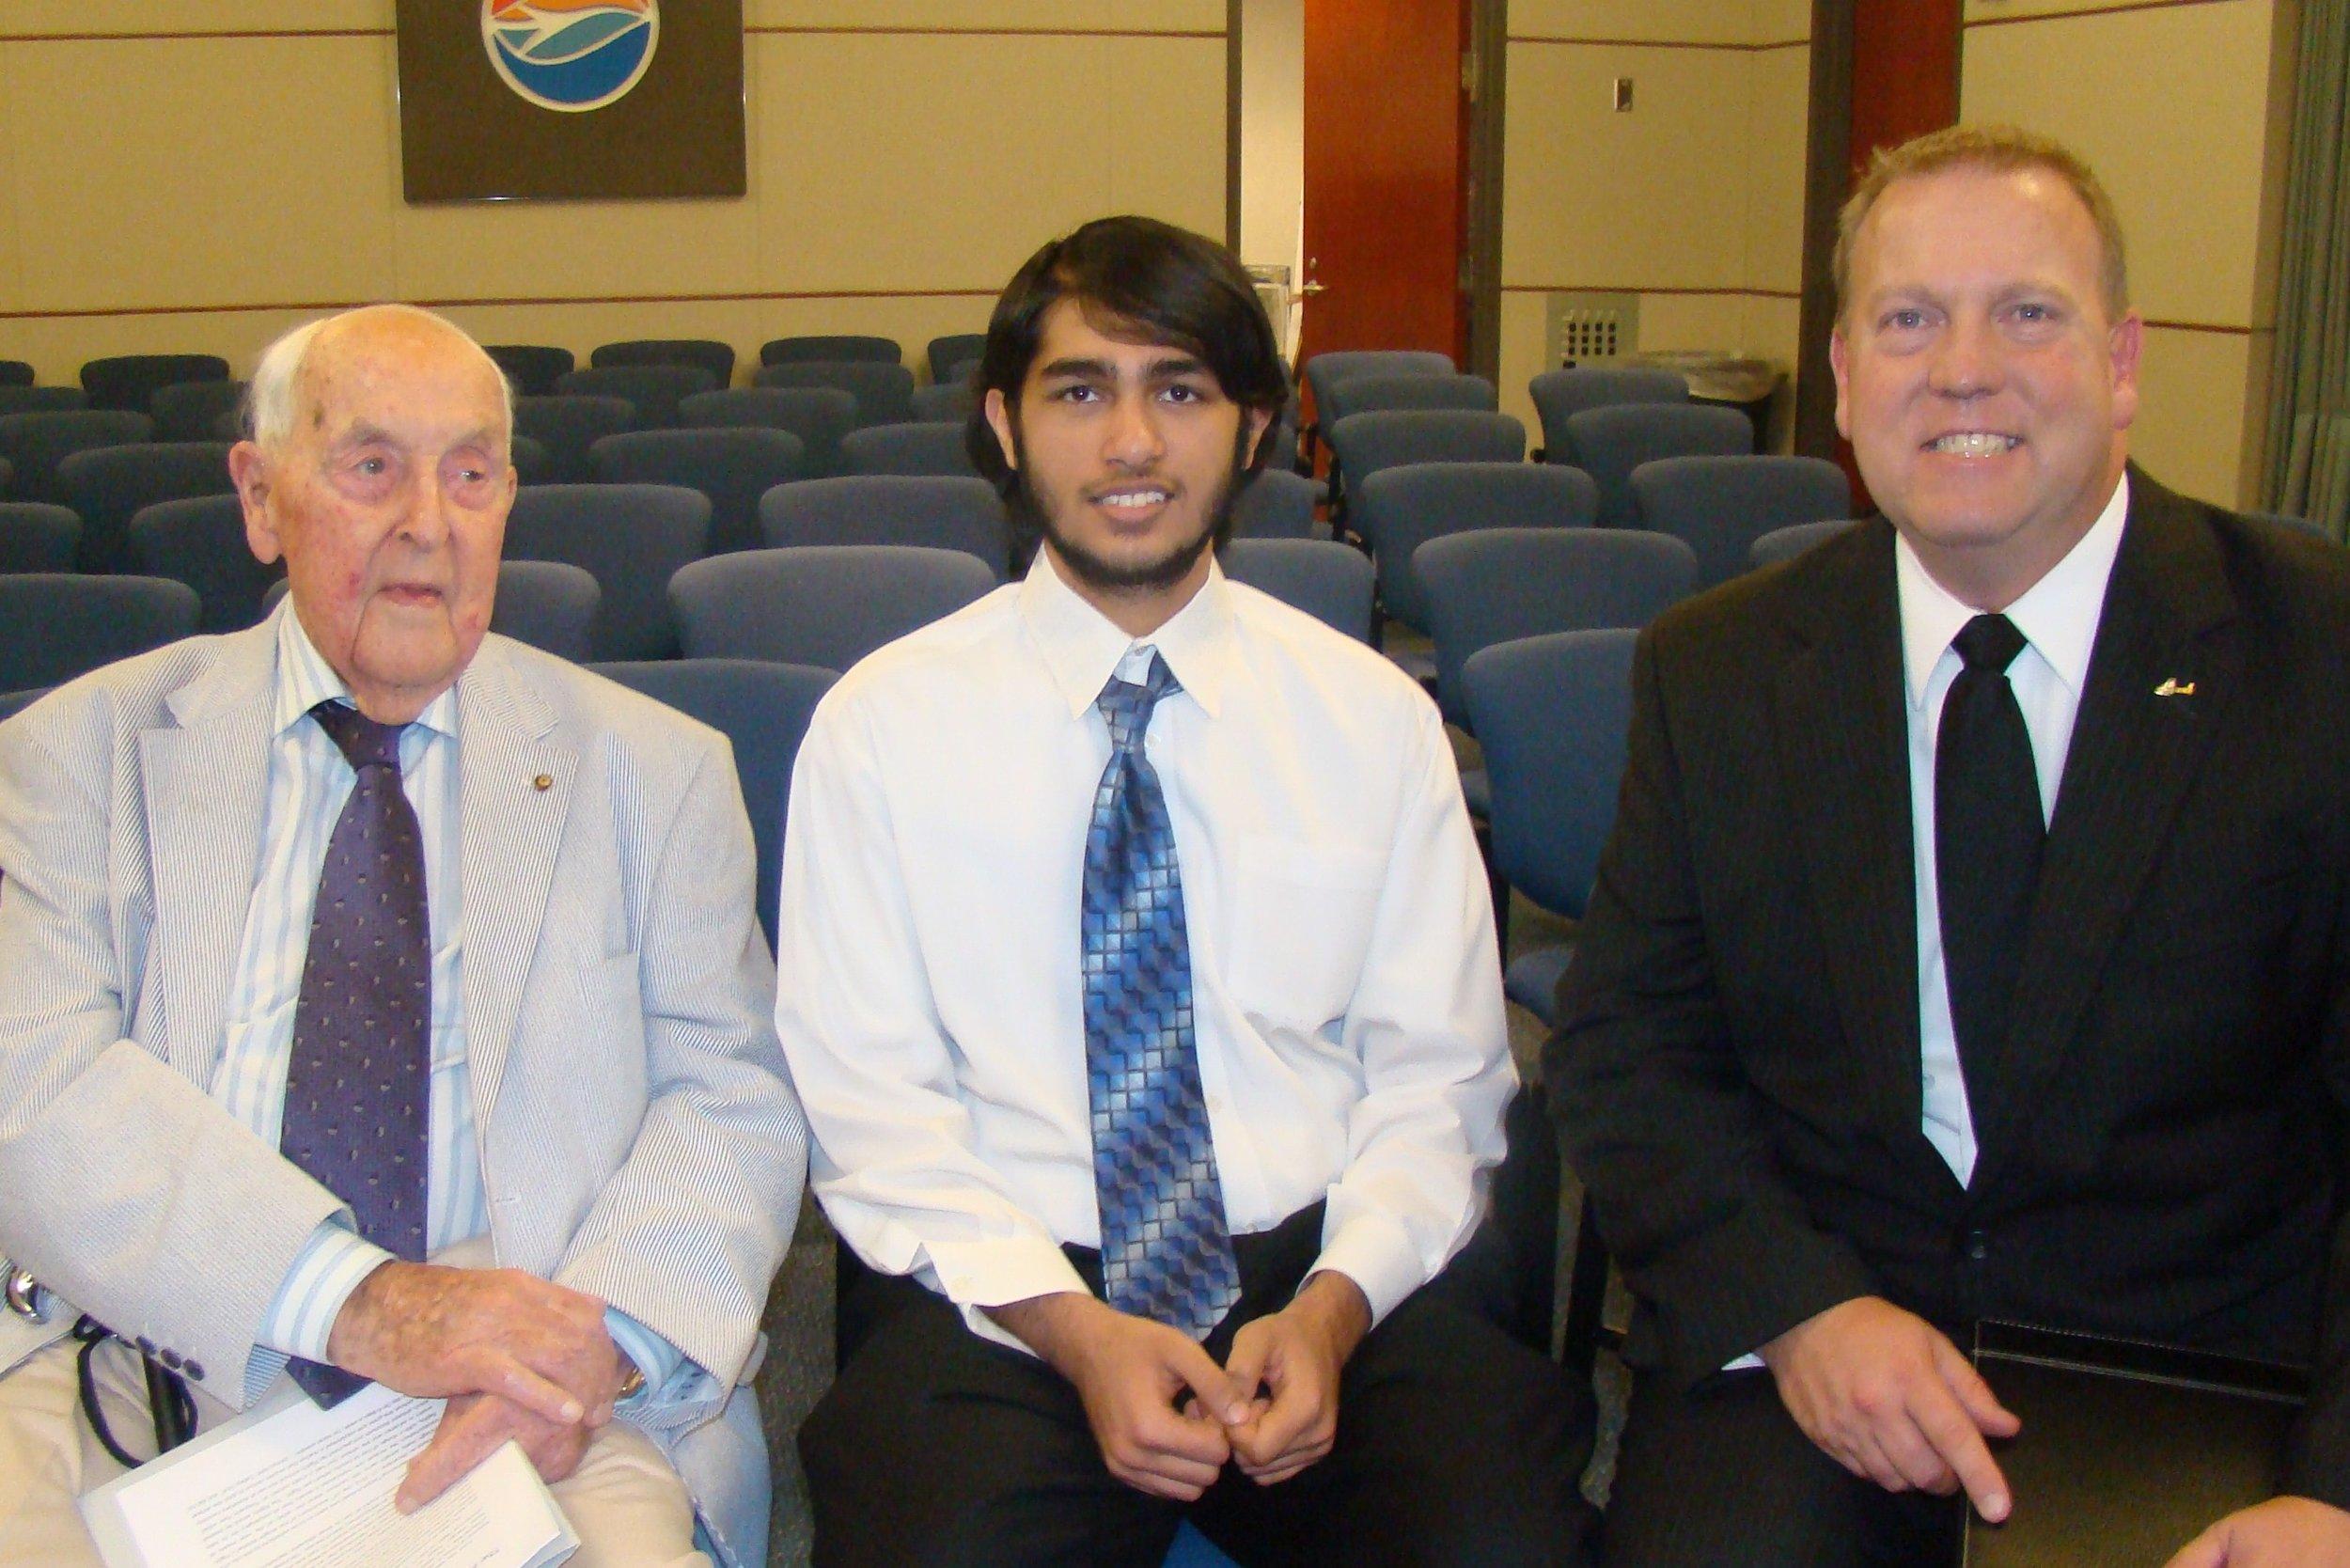 Sir Lenox, Farhan Hiya & Bill McGrew, 27 Oct '11 - Copy.JPG